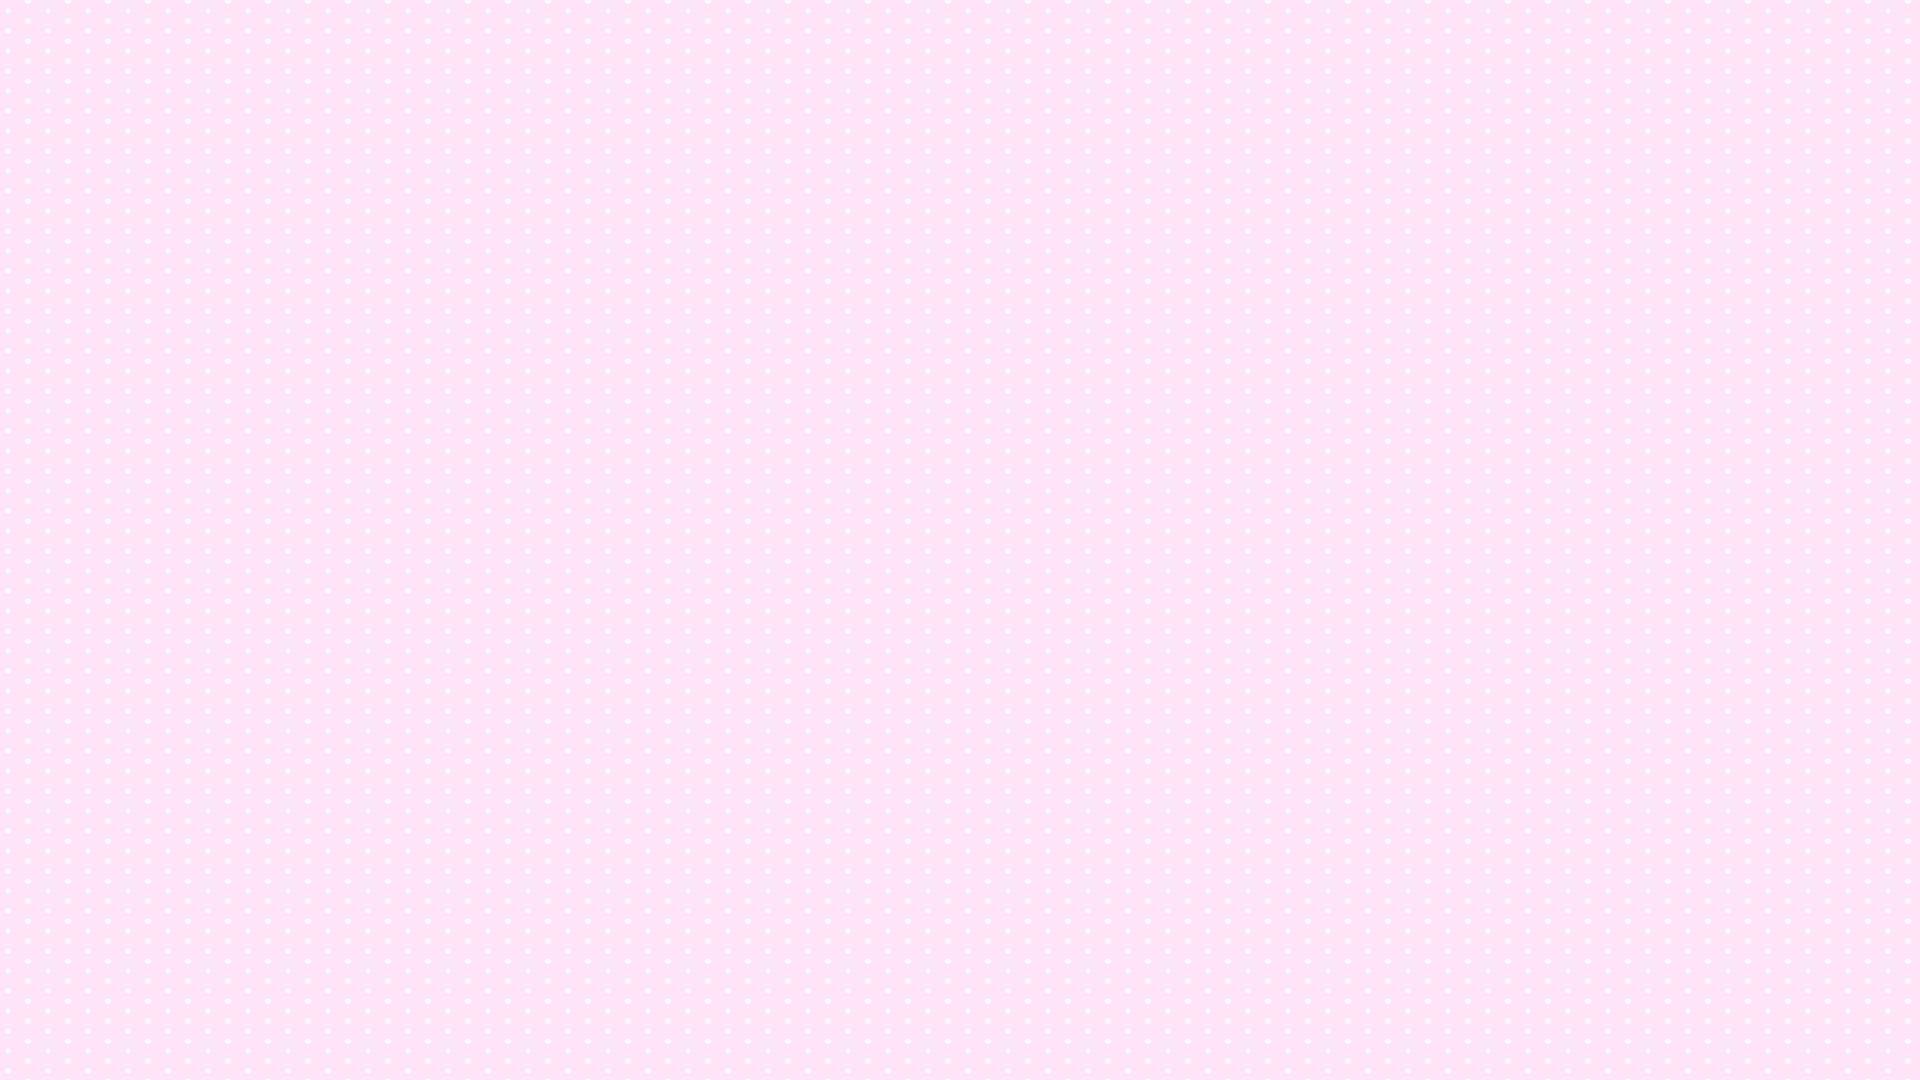 ピンク水玉(小)背景イラスト